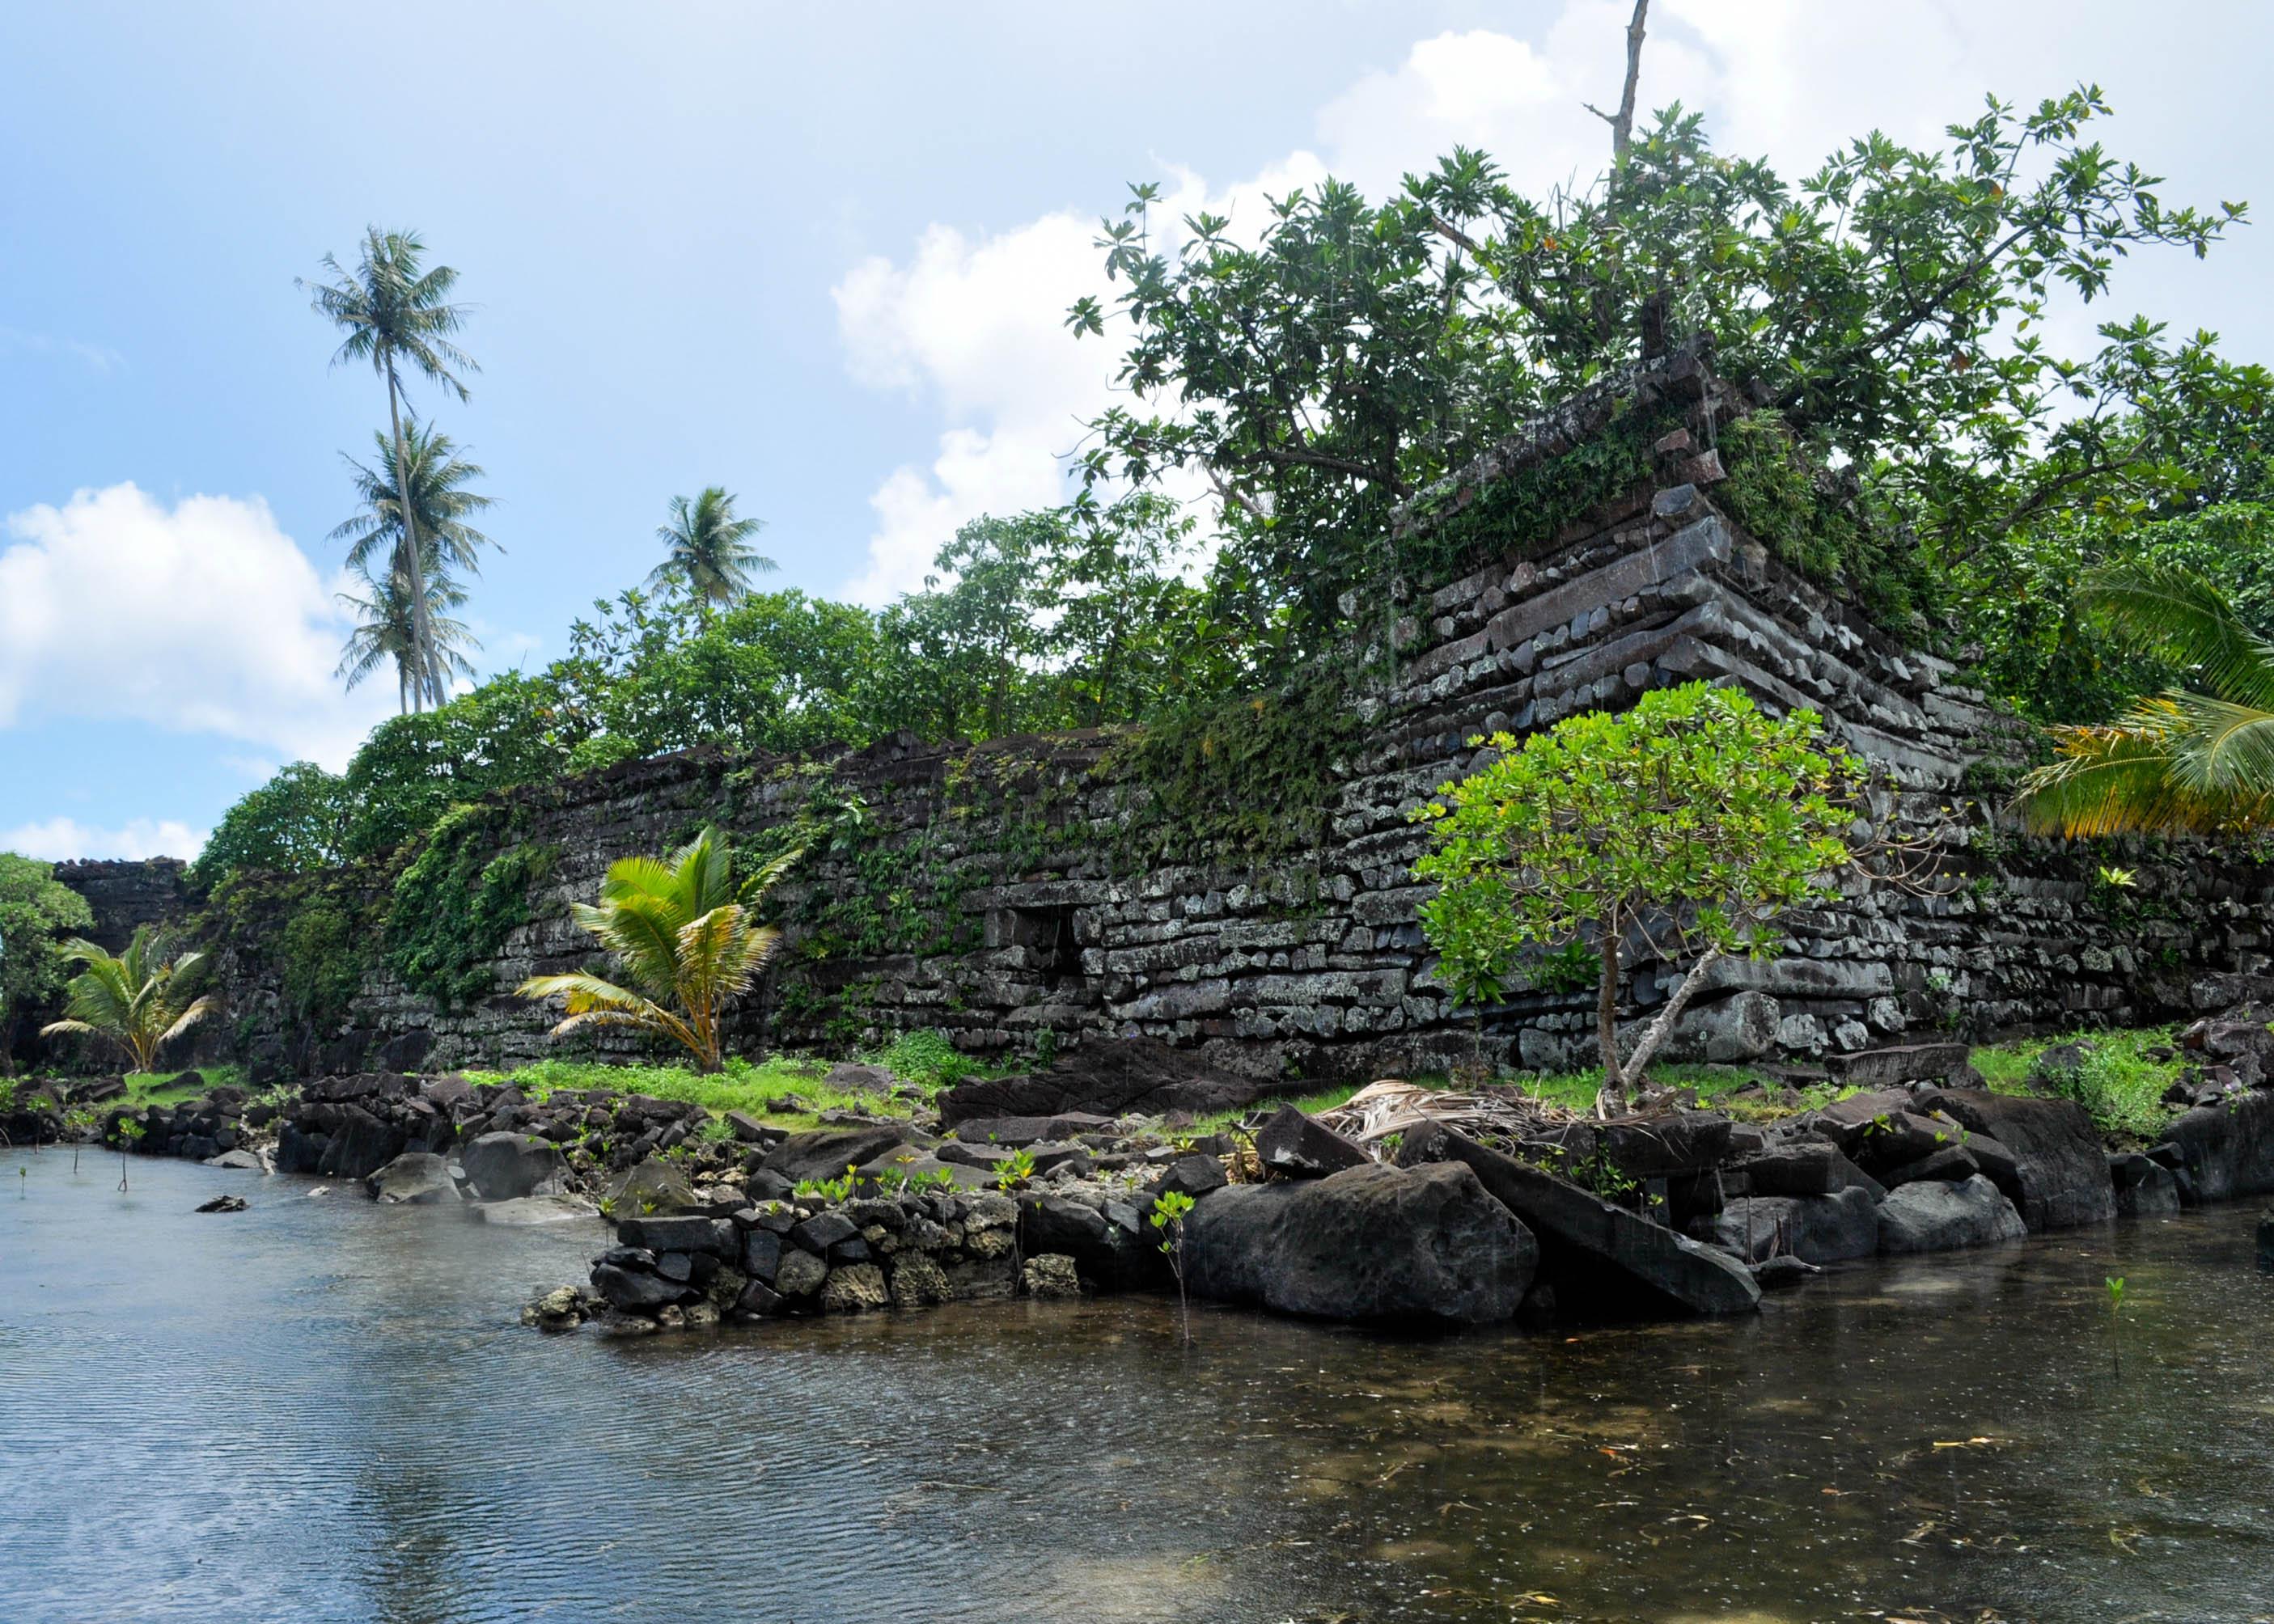 Nan Madol, la misteriosa città degli antichi isolani del Pacifico